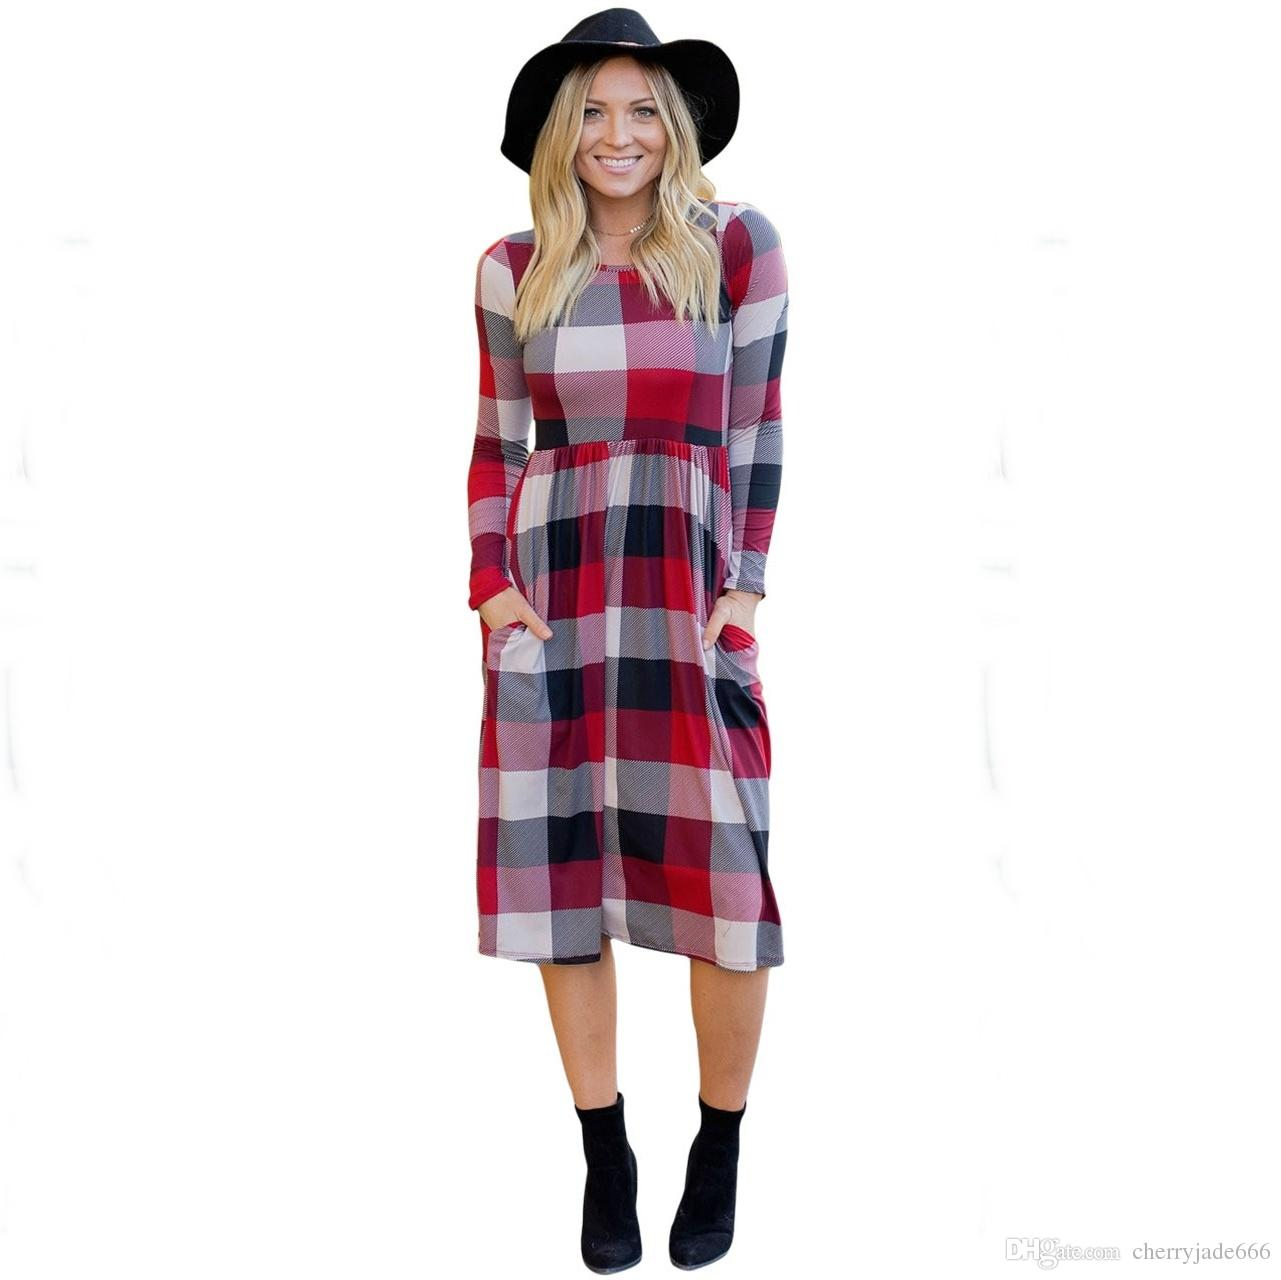 Acquista 2017 Autunno Inverno Abito Nuovo Manica Lunga O Collo Plaid Dress  Donna Abito Lungo Rosso   Verde Con Taschino A  17.48 Dal Cherryjade666  1fda64cdb6e